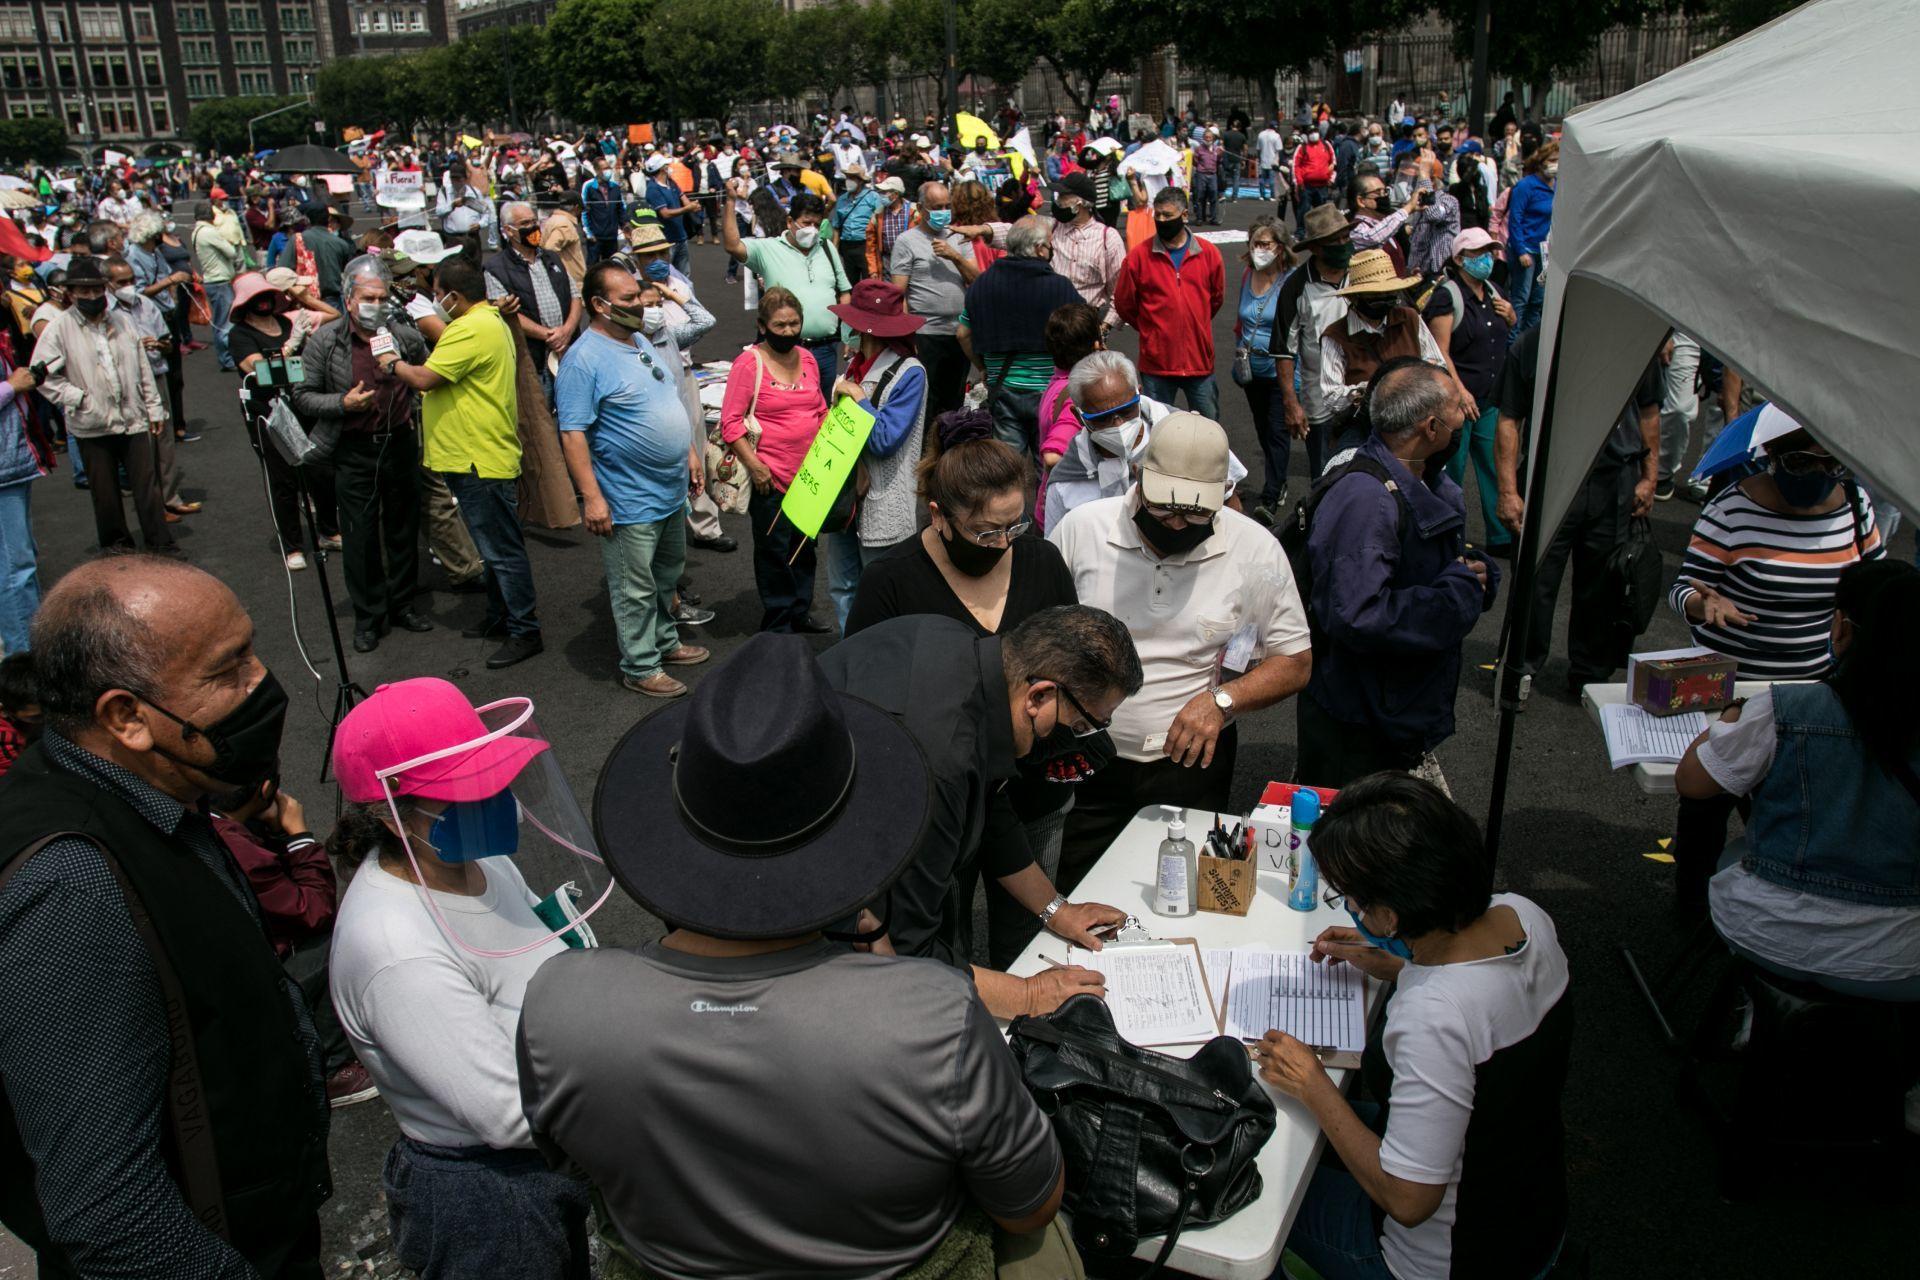 Aprobaron el formato de recolección de firmas para consulta popular que  busca enjuiciar ex presidentes | MULTIMEDIOS COLONIA AVELLANEDA